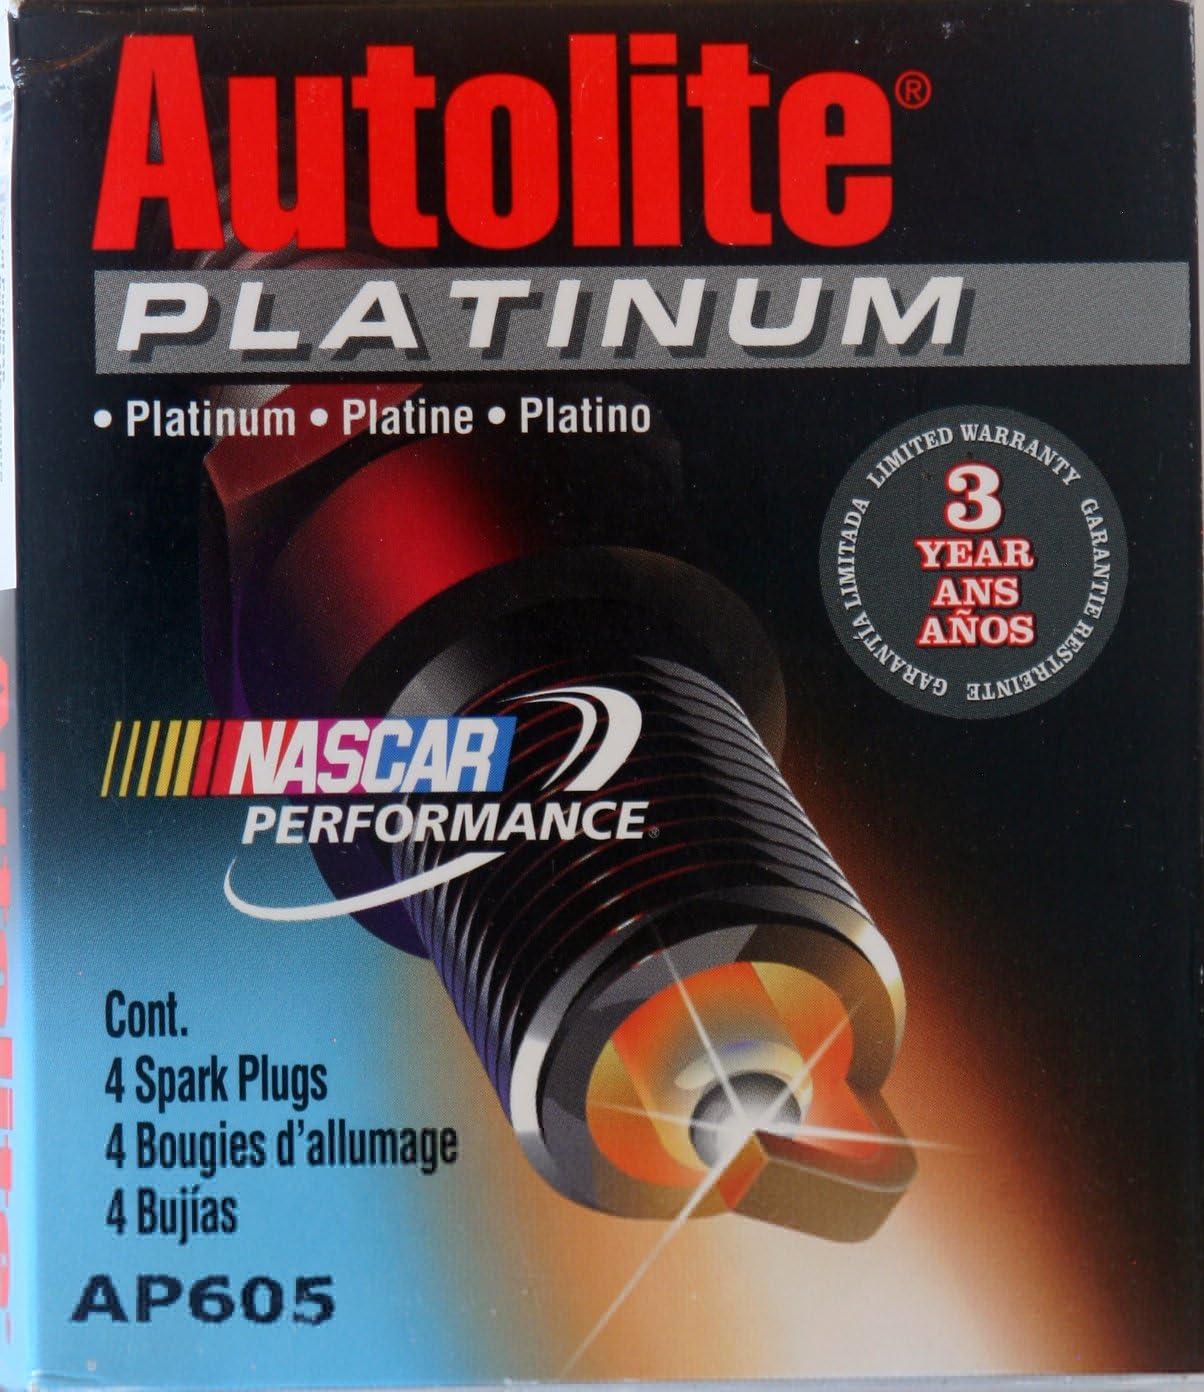 4 Bujías Autolite Platinum # AP605: Amazon.es: Coche y moto